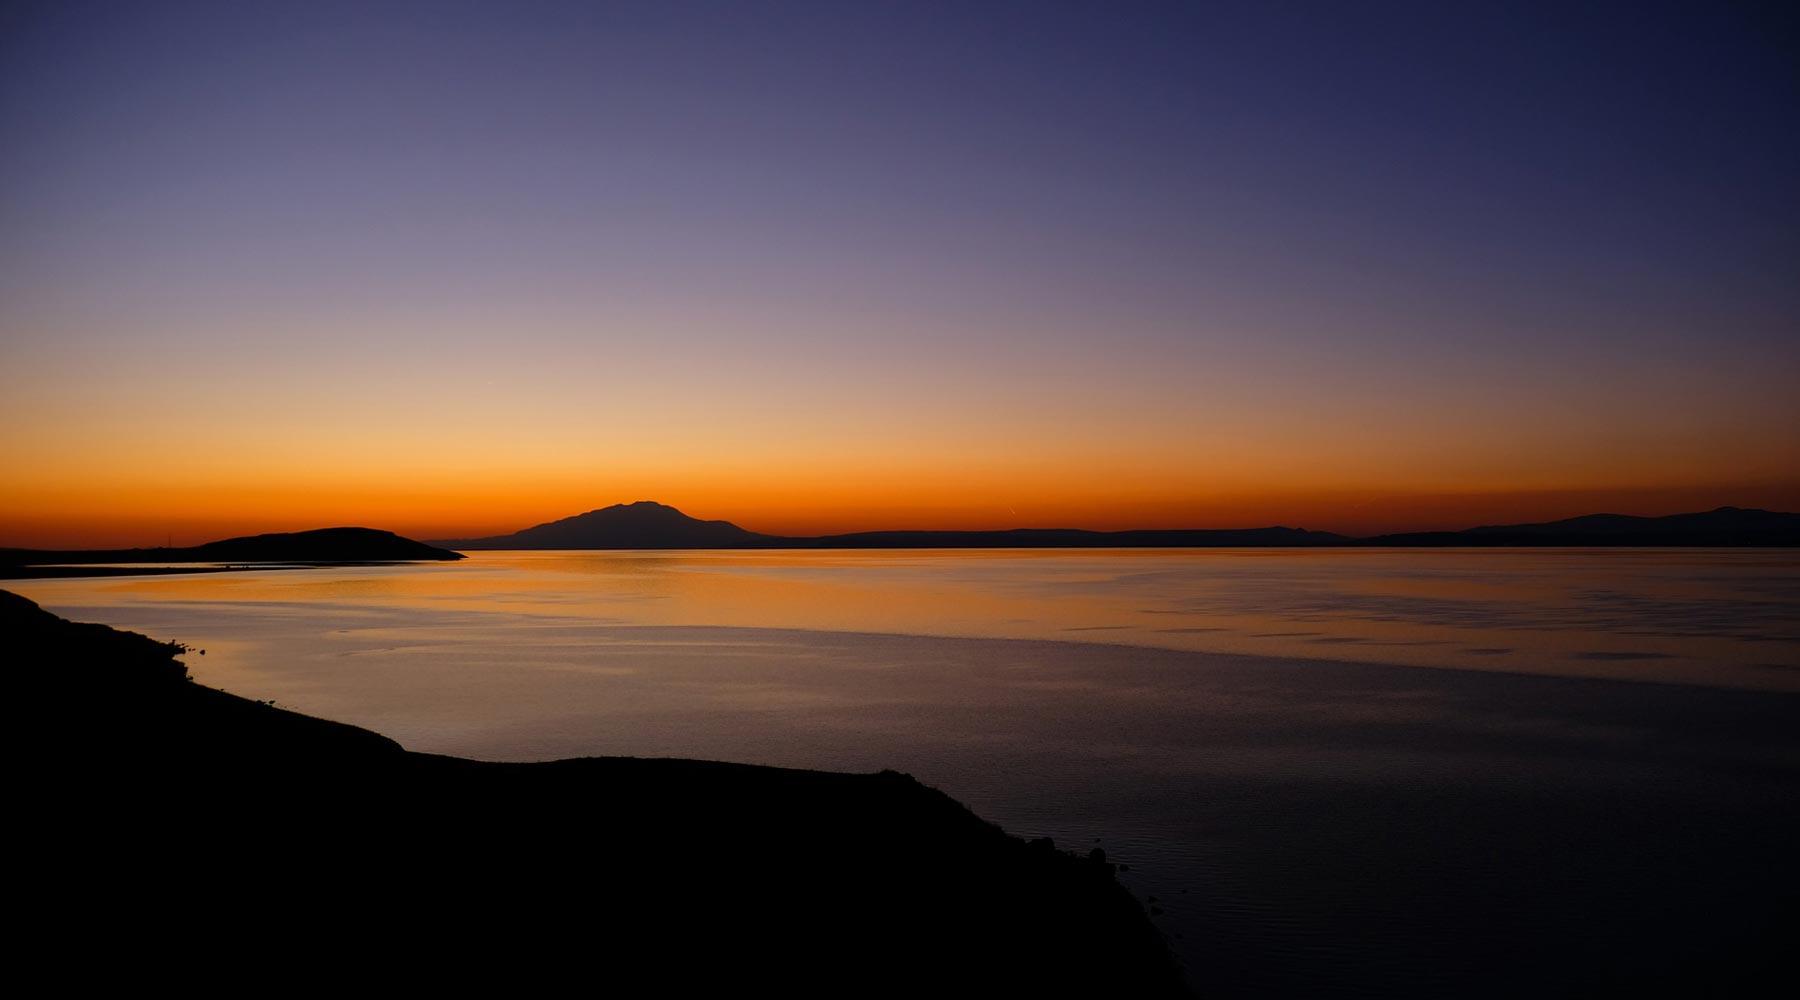 Lake Van – The Largest Lake in Turkey